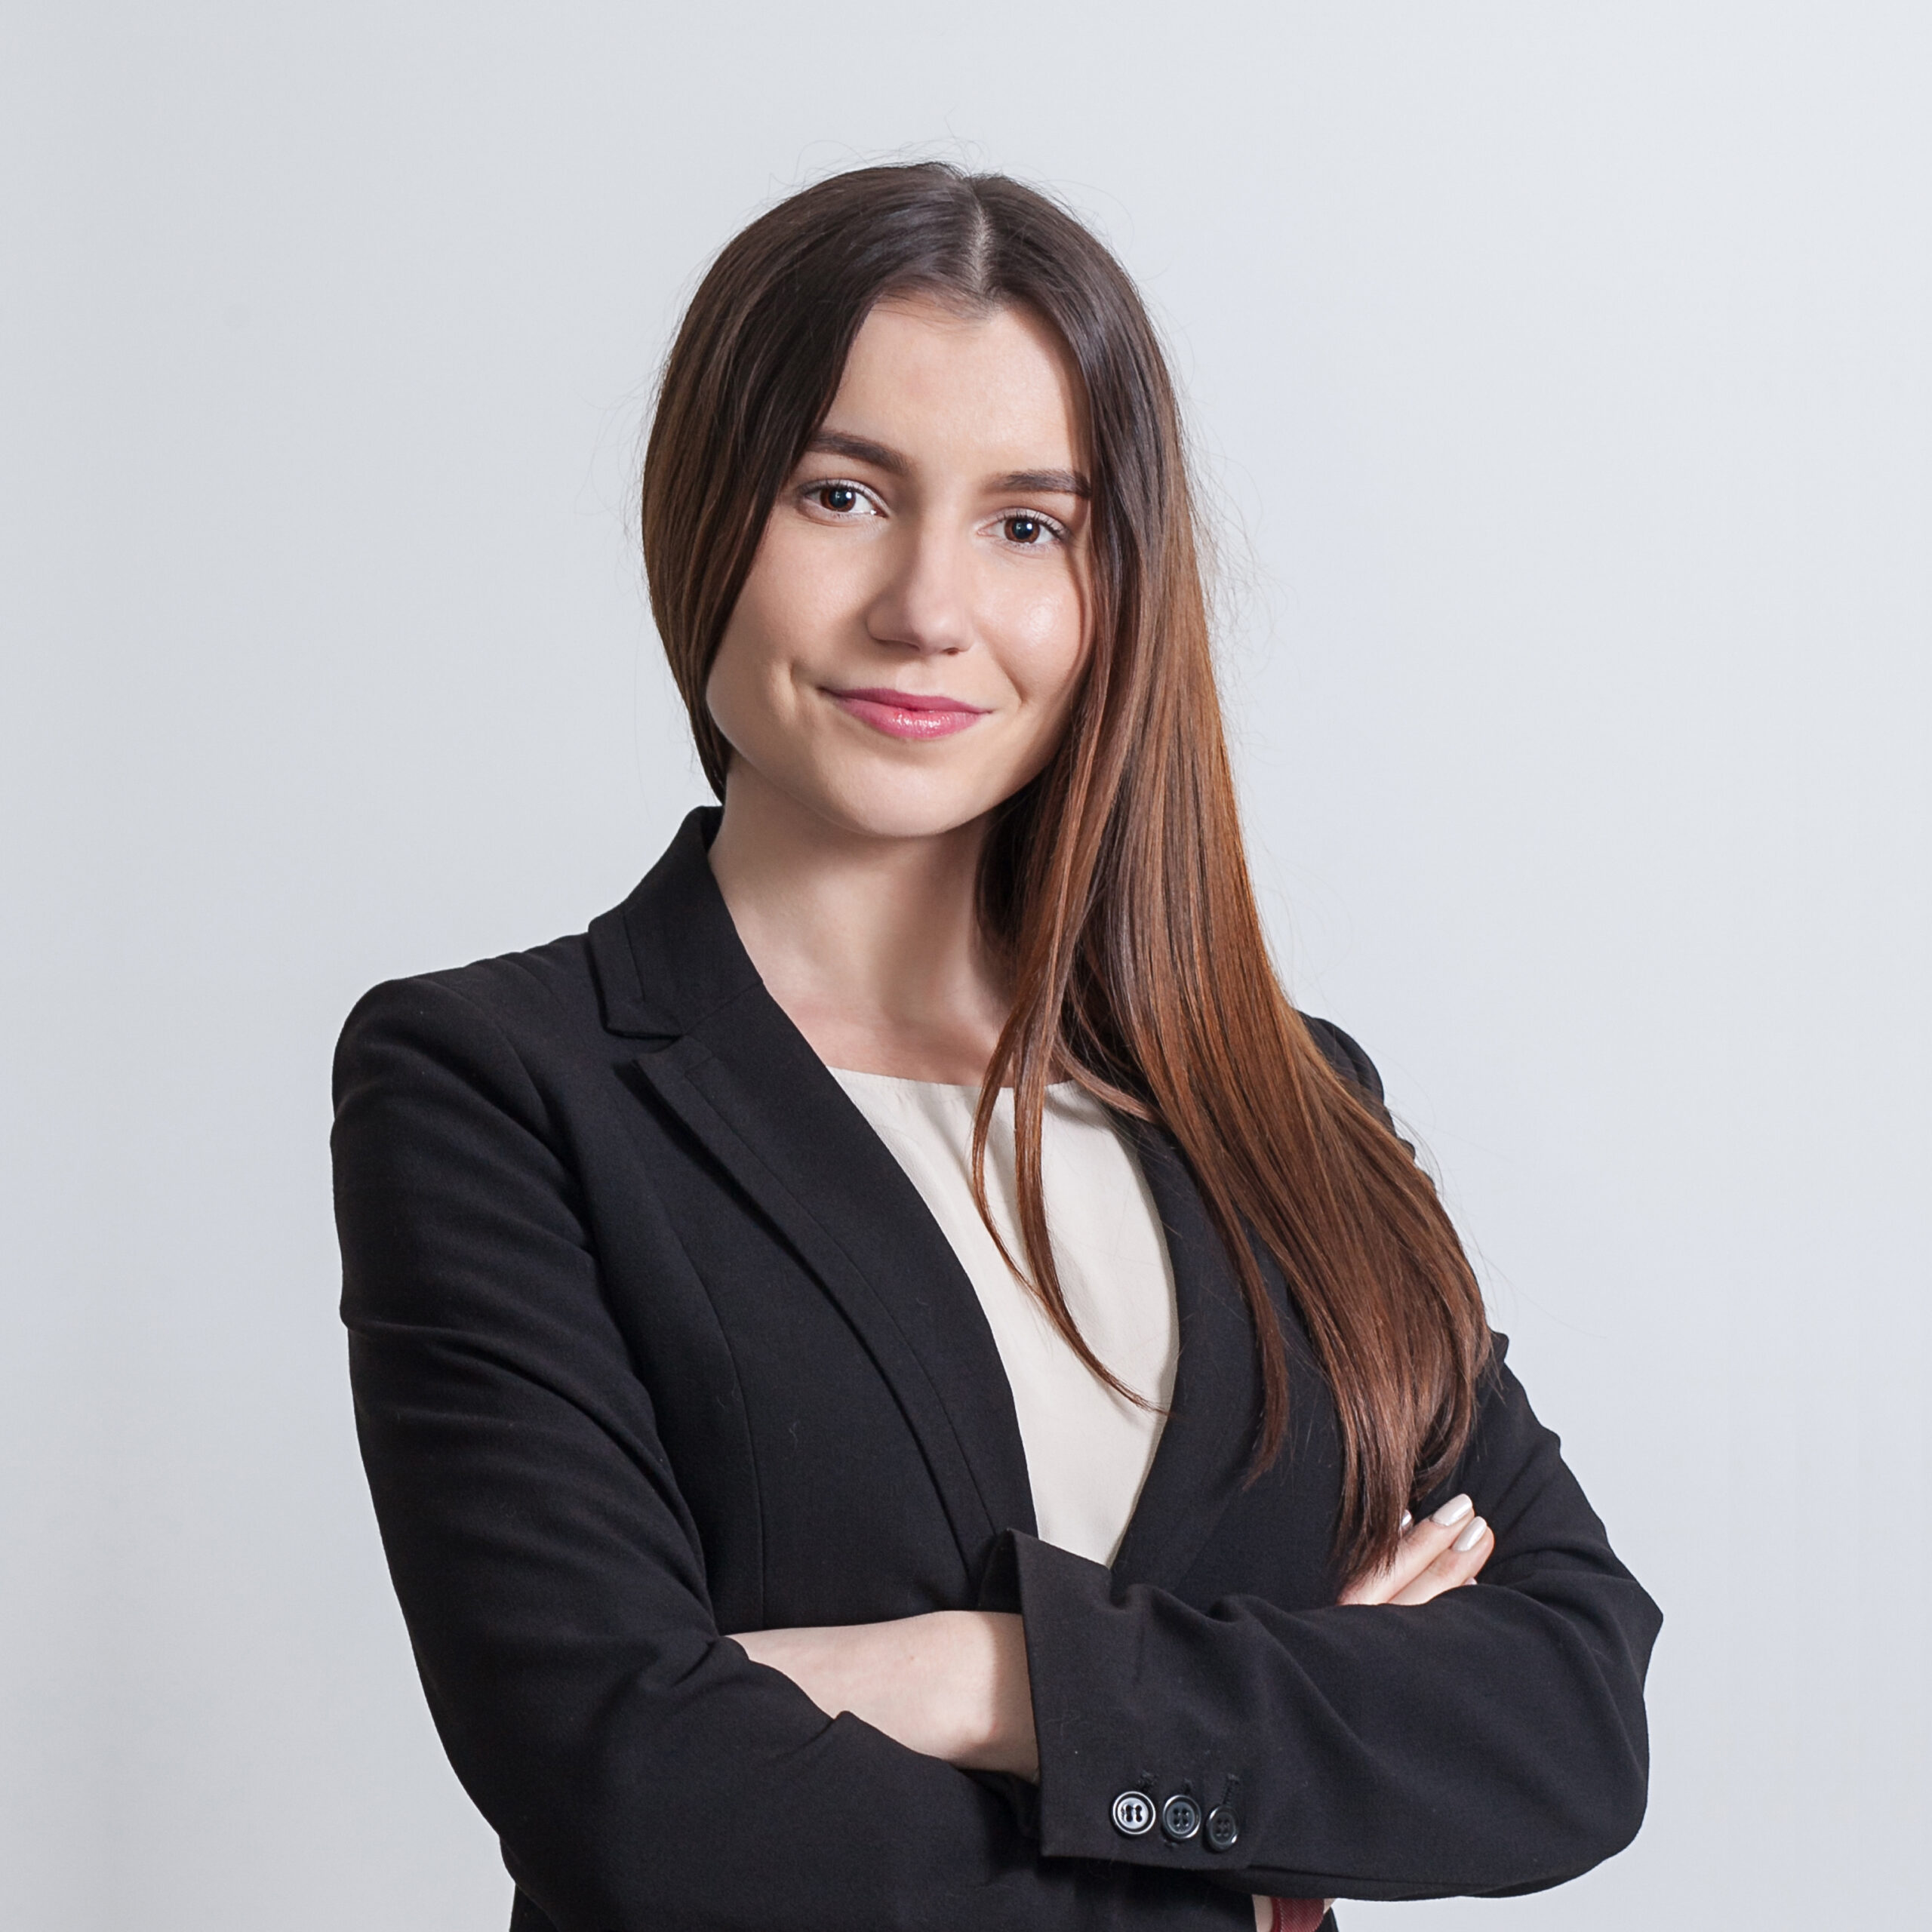 Olena Blazhivska, MD